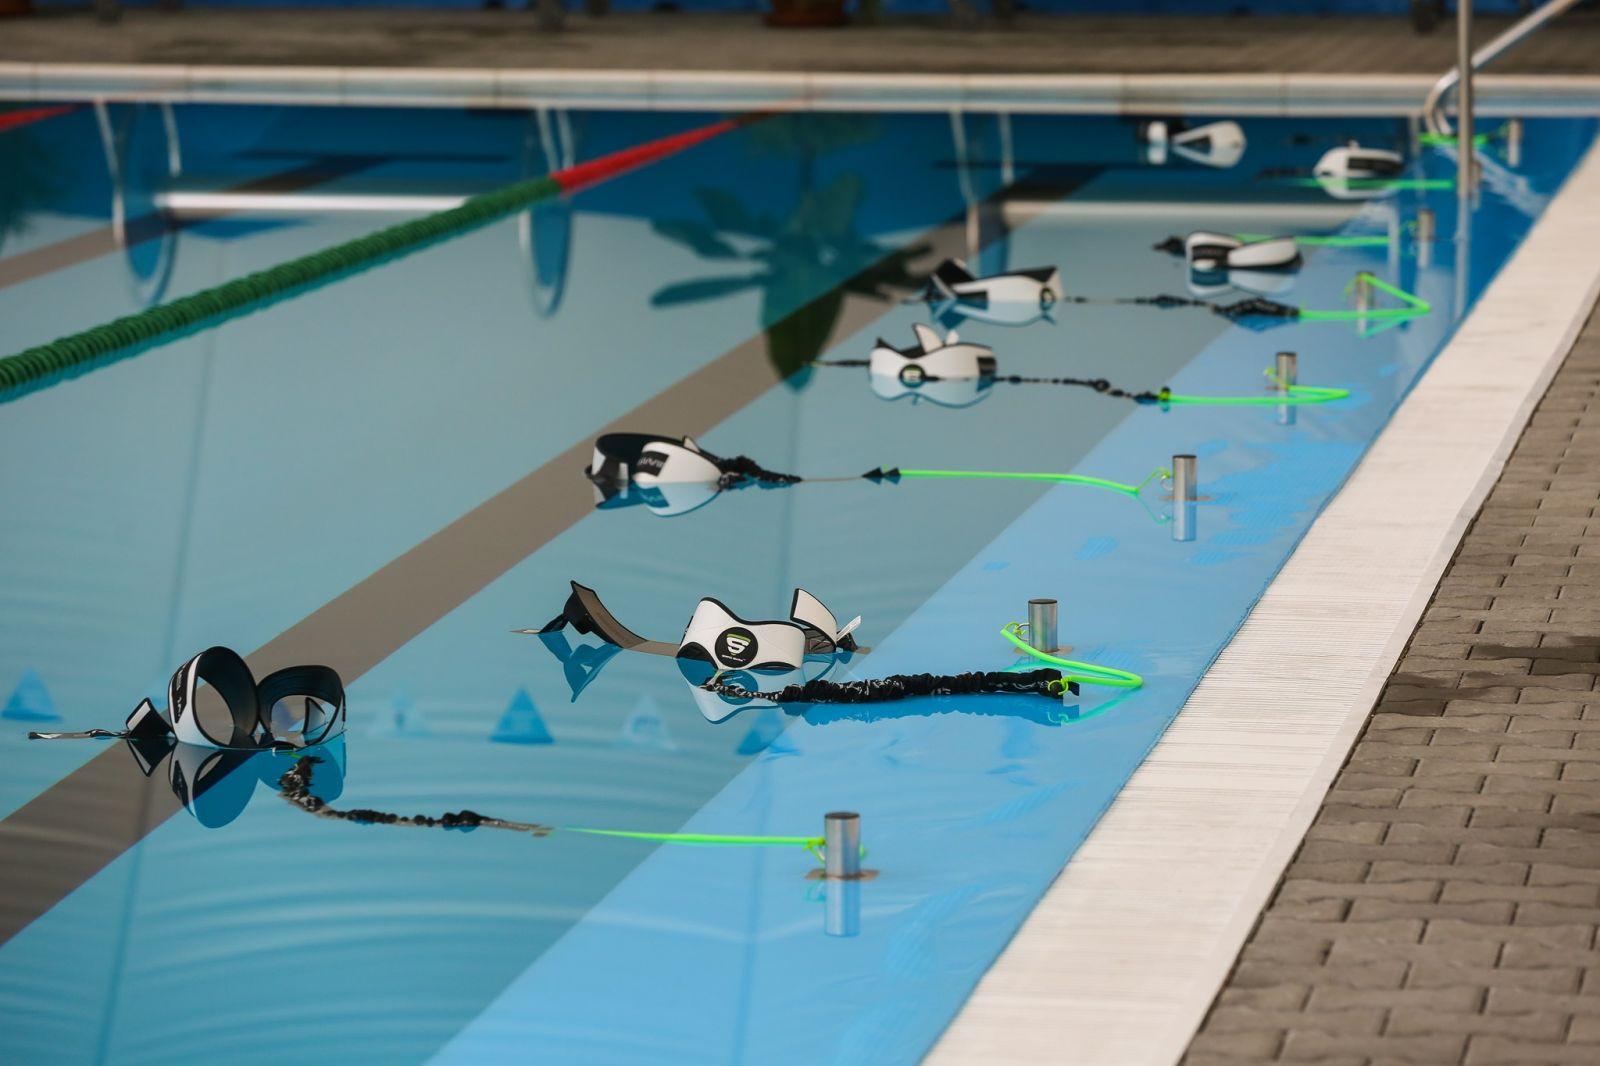 Équipement de nage statique en salle de sport